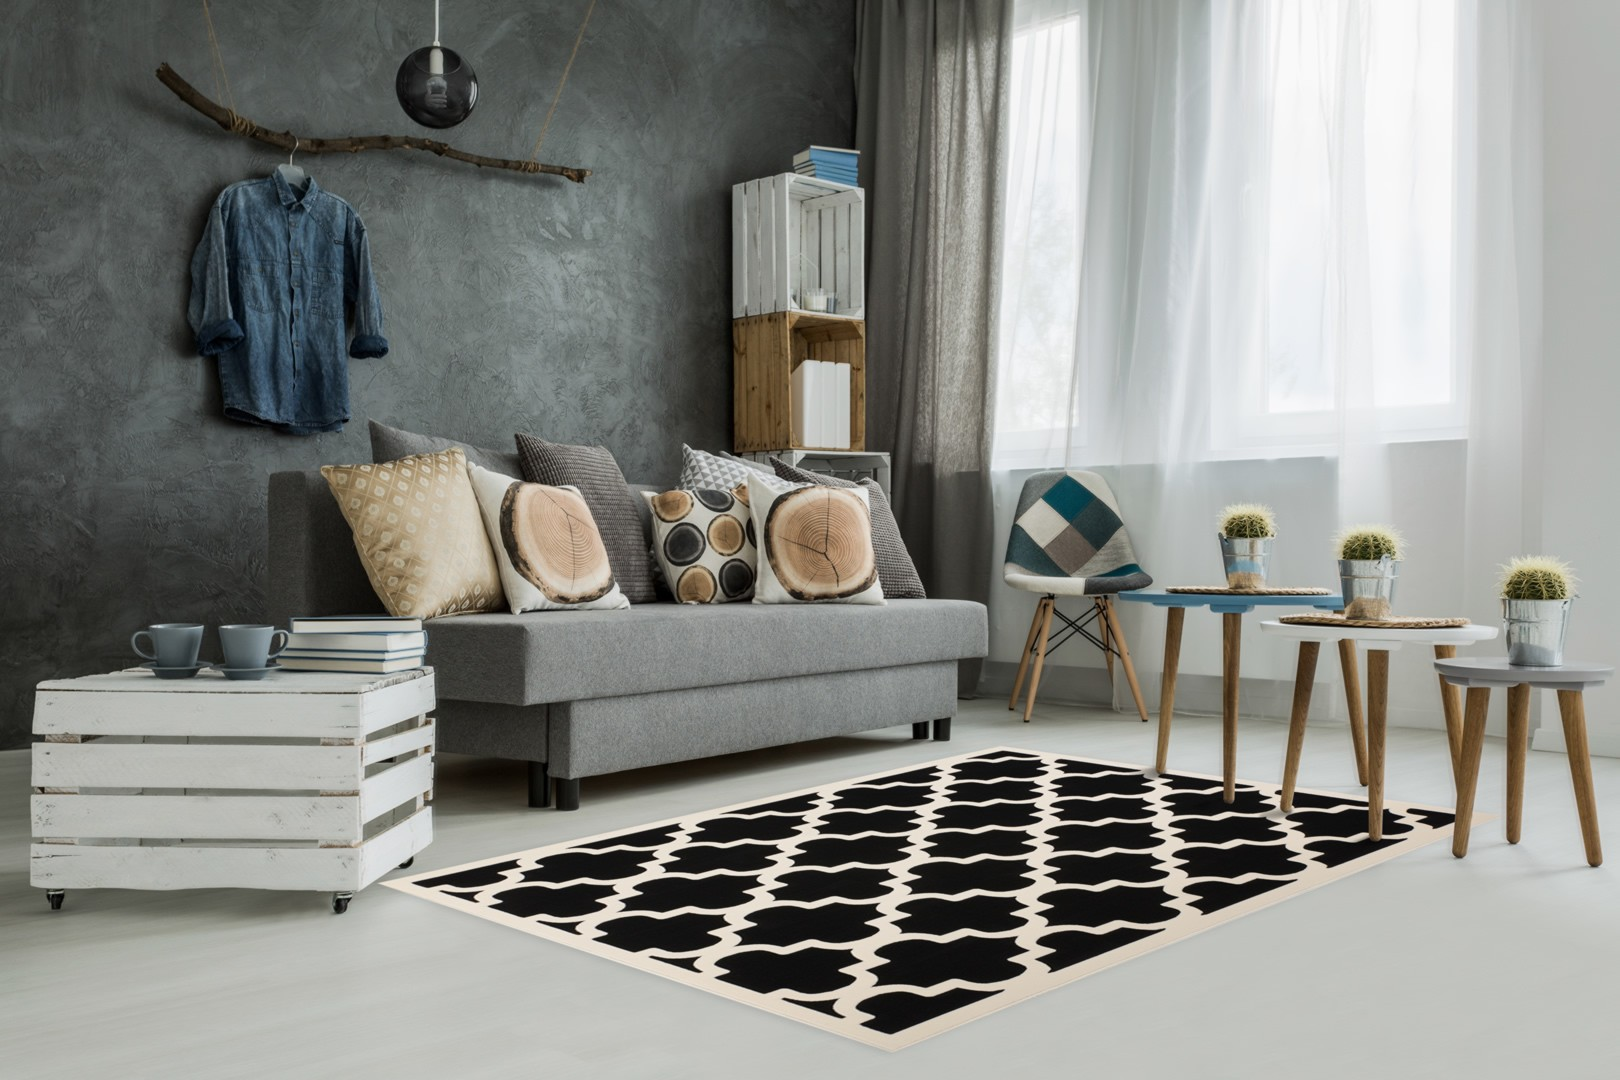 Tapis Noir Et Blanc Scandinave : tapis style scandinave noir et blanc effet 3d amber ~ Teatrodelosmanantiales.com Idées de Décoration